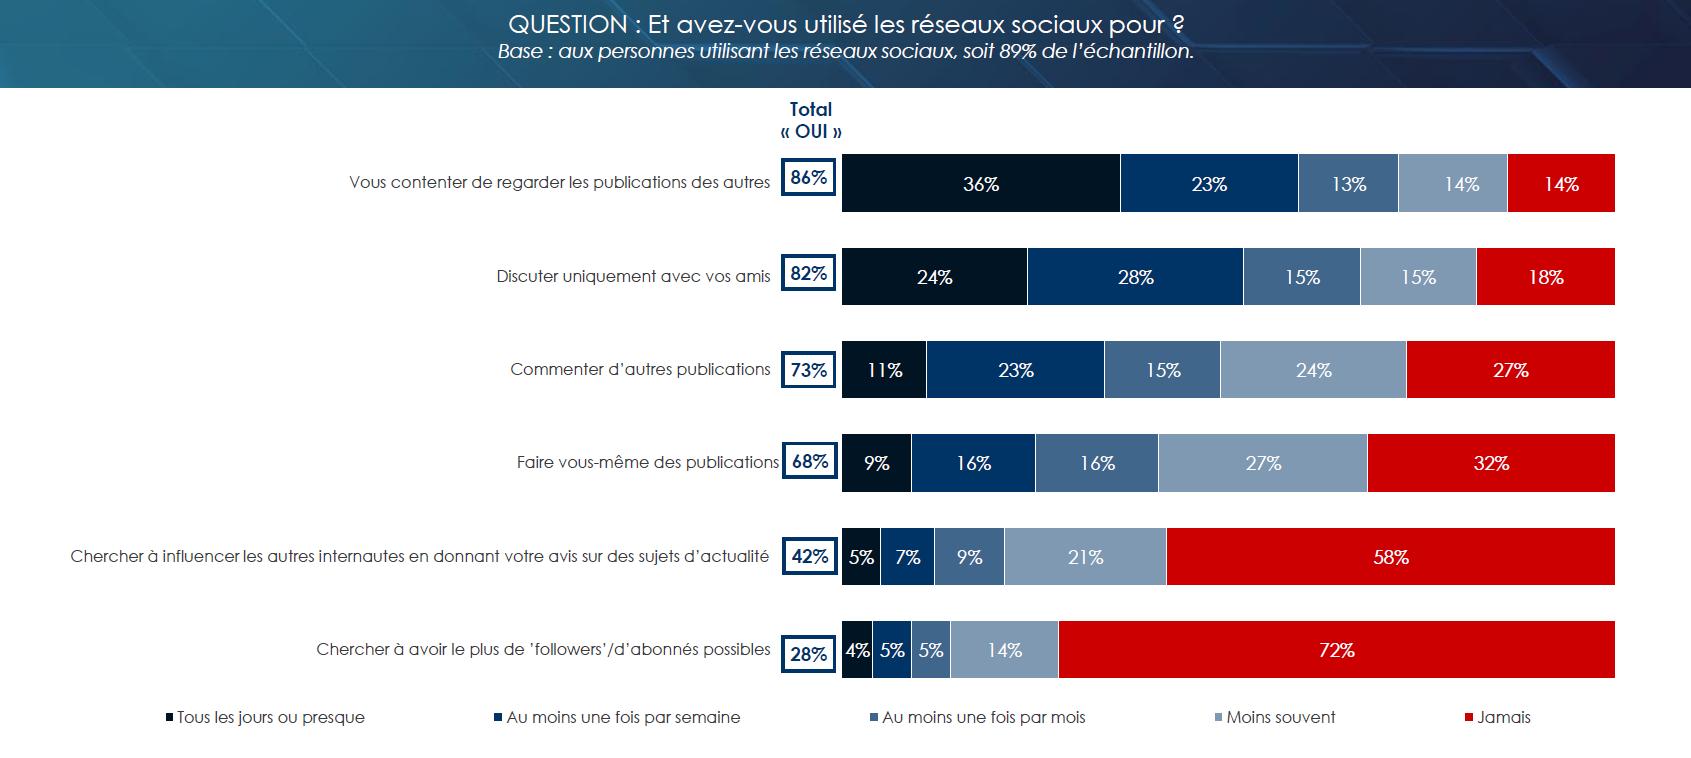 42% cherchent à influencer les autres en donnant leurs avis sur les sujets d'actualités (54% chez les moins de 35 ans).